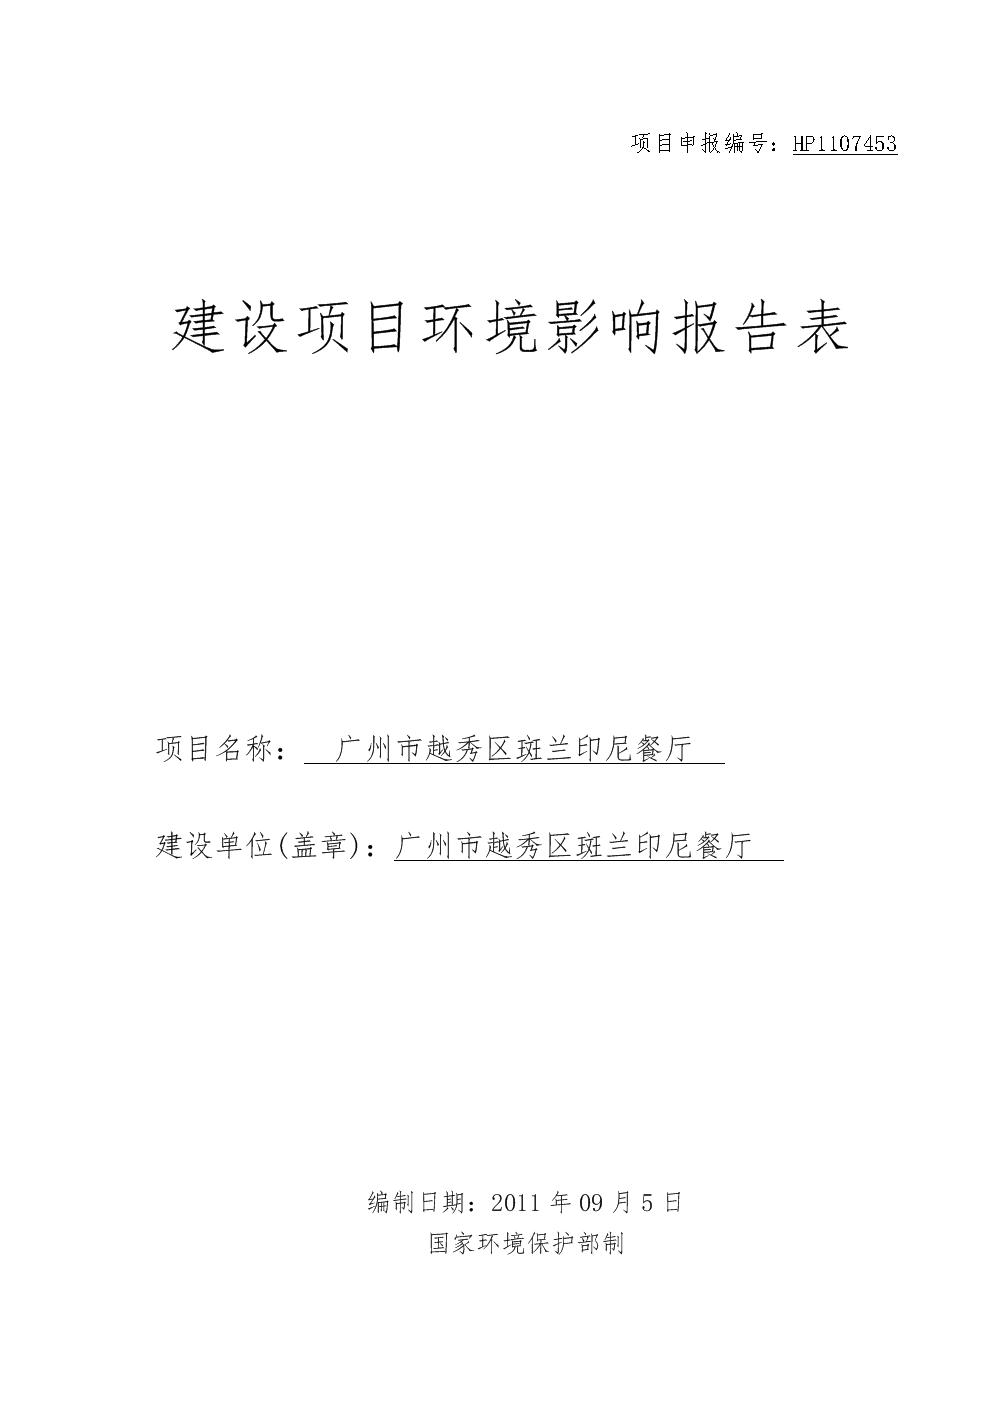 广州市餐厅报告表.doc